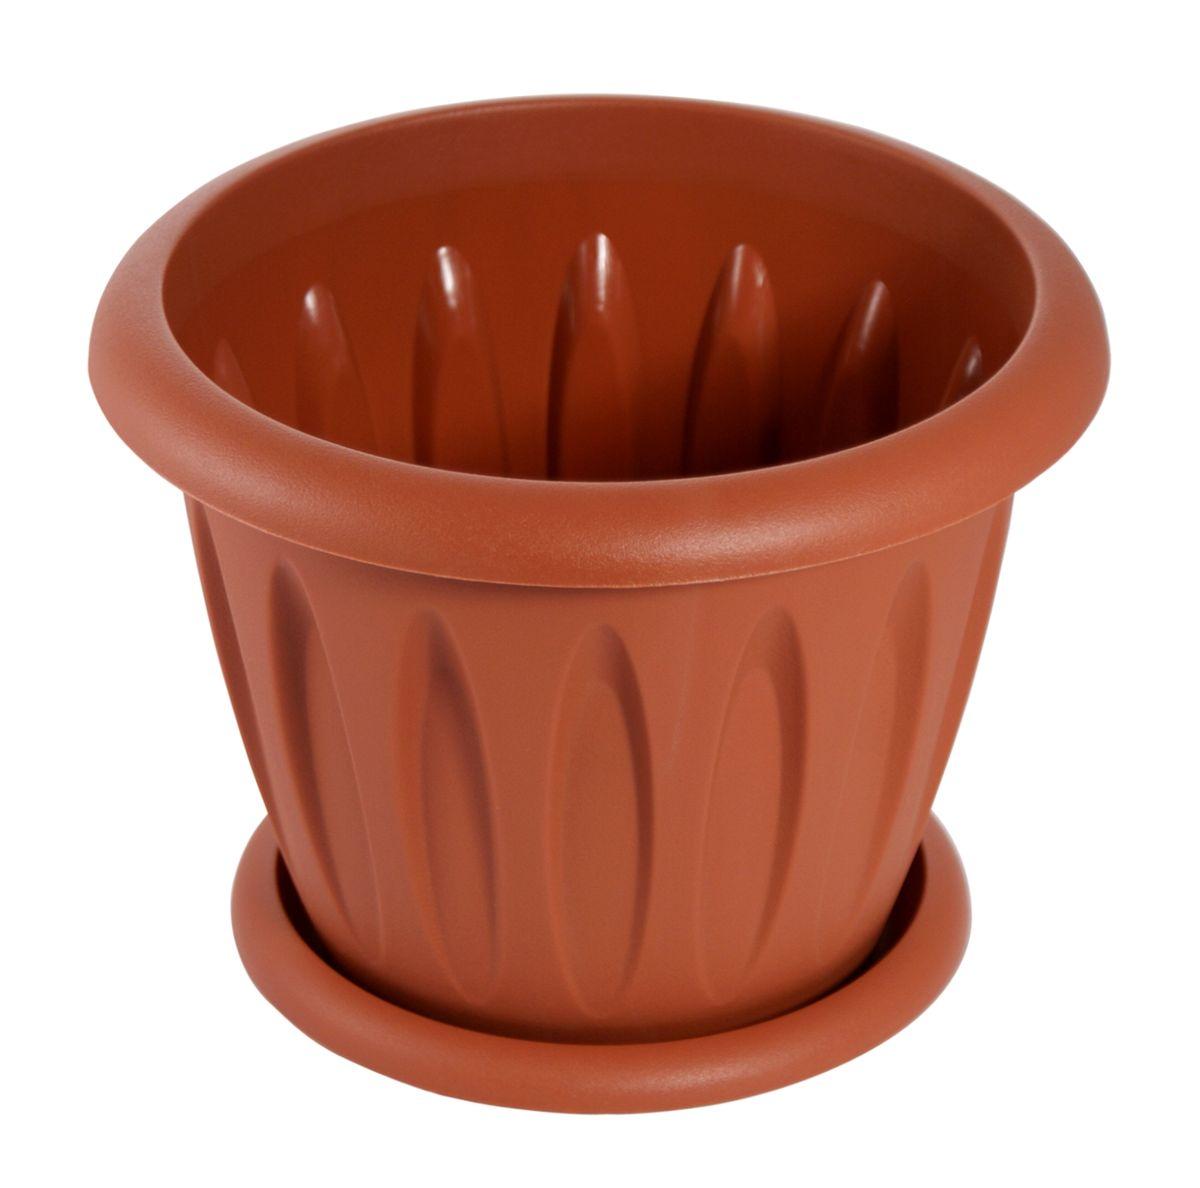 Горшок для цветов Martika Фелиция, с поддоном, цвет: терракотовый, 3,6 лMRC104TЛюбой, даже самый современный и продуманный интерьер будет не завершенным без растений. Они не только очищают воздух и насыщают его кислородом, но и заметно украшают окружающее пространство. Такому полезному члену семьи просто необходимо красивое и функциональное кашпо, оригинальный горшок или необычная ваза! Мы предлагаем - Горшок для растений Фелиция 3,6 л d=22,5 см с поддоном, цвет терракотовый! Оптимальный выбор материала - это пластмасса! Почему мы так считаем? Малый вес. С легкостью переносите горшки и кашпо с места на место, ставьте их на столики или полки, подвешивайте под потолок, не беспокоясь о нагрузке. Простота ухода. Пластиковые изделия не нуждаются в специальных условиях хранения. Их легко чистить достаточно просто сполоснуть теплой водой. Никаких царапин. Пластиковые кашпо не царапают и не загрязняют поверхности, на которых стоят. Пластик дольше хранит влагу, а значит растение реже нуждается в поливе. Пластмасса не пропускает воздух корневой системе растения не грозят резкие перепады температур. Огромный выбор форм, декора и расцветок вы без труда подберете что-то, что идеально впишется в уже существующий интерьер. Соблюдая нехитрые правила ухода, вы можете заметно продлить срок службы горшков, вазонов и кашпо из пластика: всегда учитывайте размер кроны и корневой системы растения (при разрастании большое растение способно повредить маленький горшок) берегите изделие от воздействия прямых солнечных лучей, чтобы кашпо и горшки не выцветали держите кашпо и горшки из пластика подальше от нагревающихся поверхностей. Создавайте прекрасные цветочные композиции, выращивайте рассаду или необычные растения, а низкие цены позволят вам не ограничивать себя в выборе.